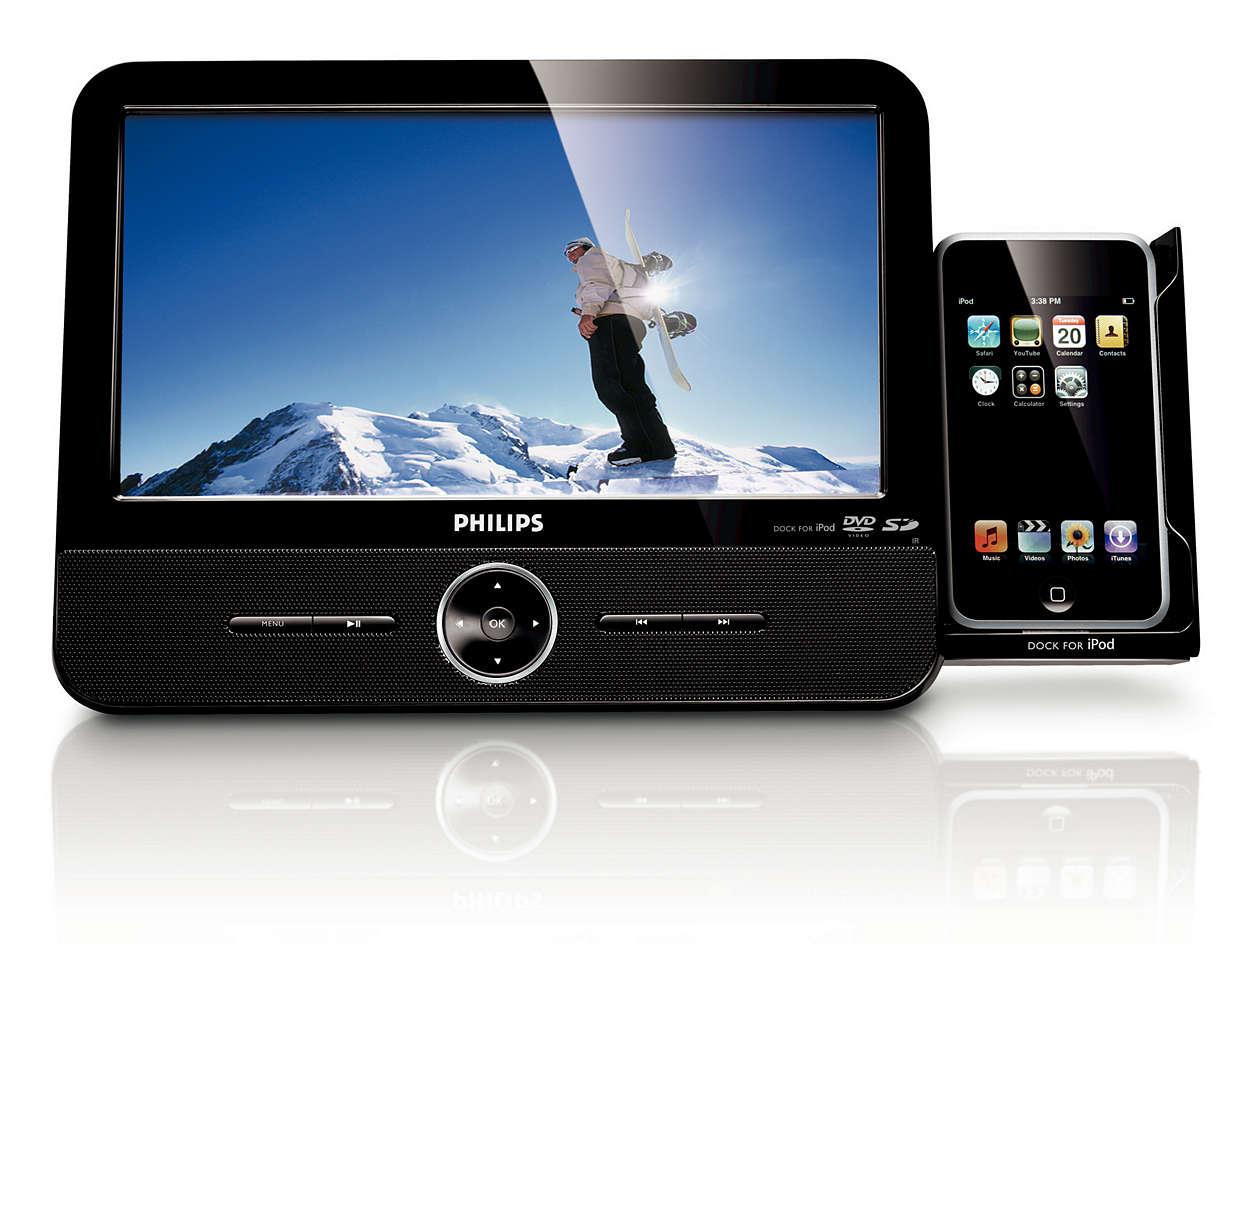 Regardez les vidéos depuis votre iPod, DVD et carte SD